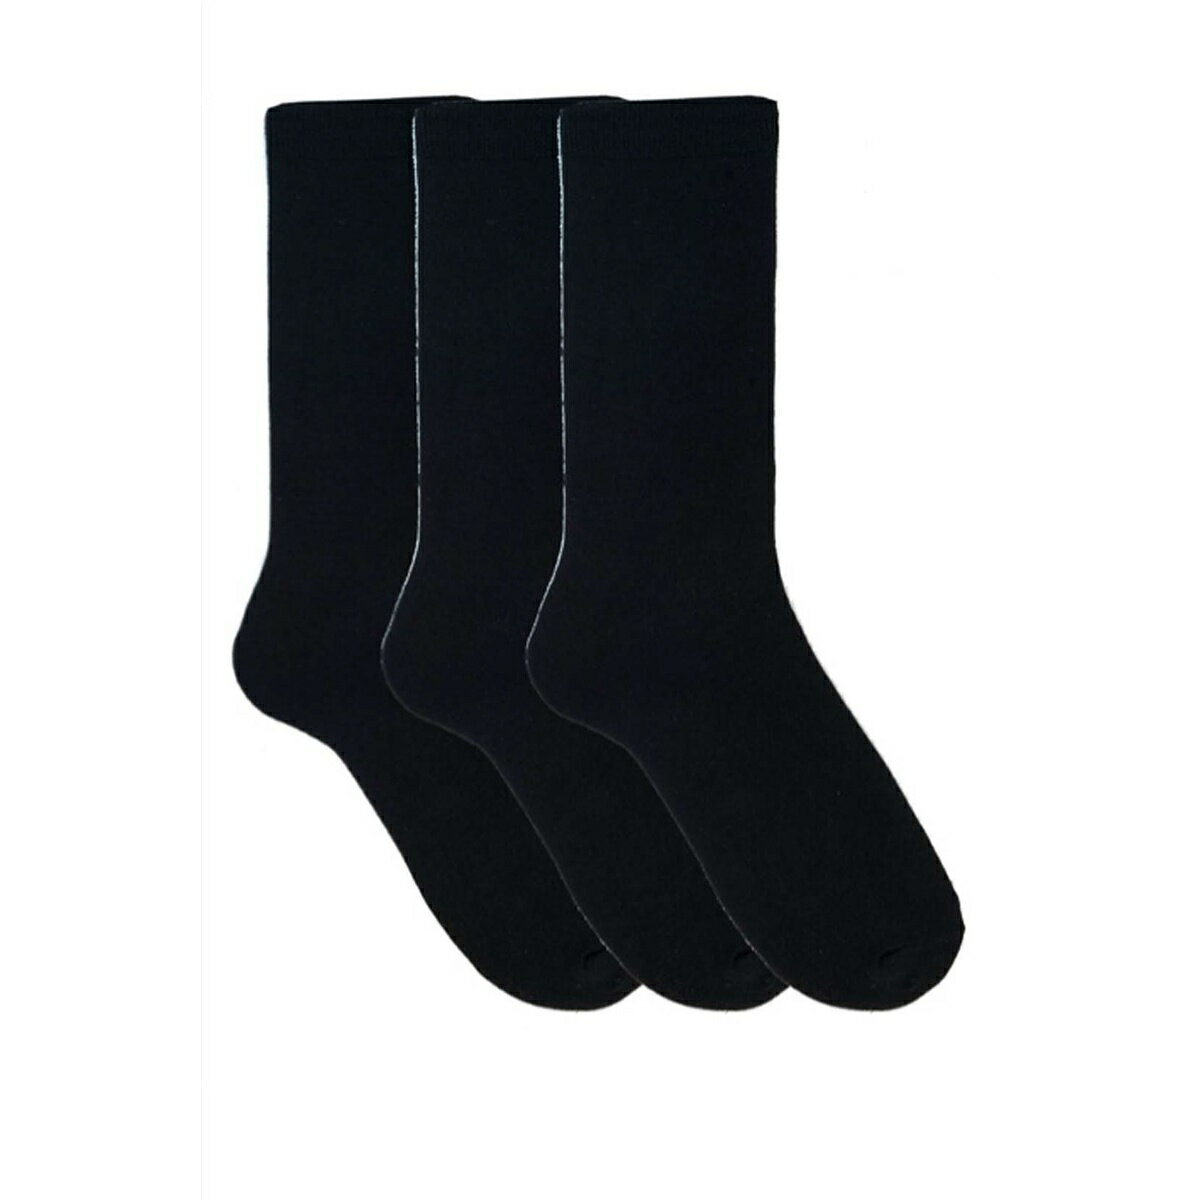 靴下・レッグウェア, 靴下  (3)